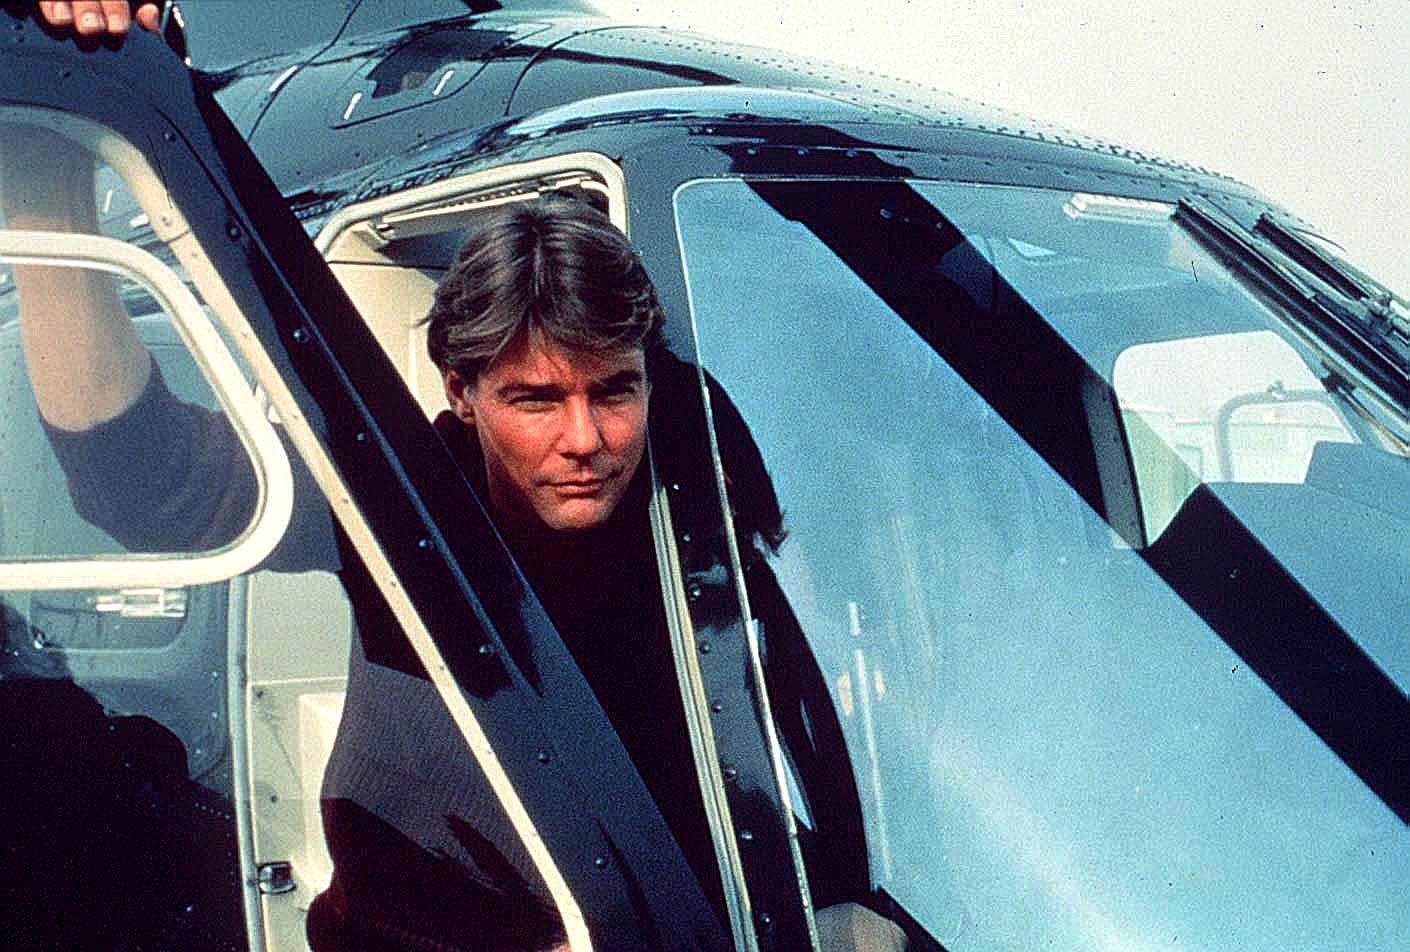 Photo of Jan Michael Vincent  - car